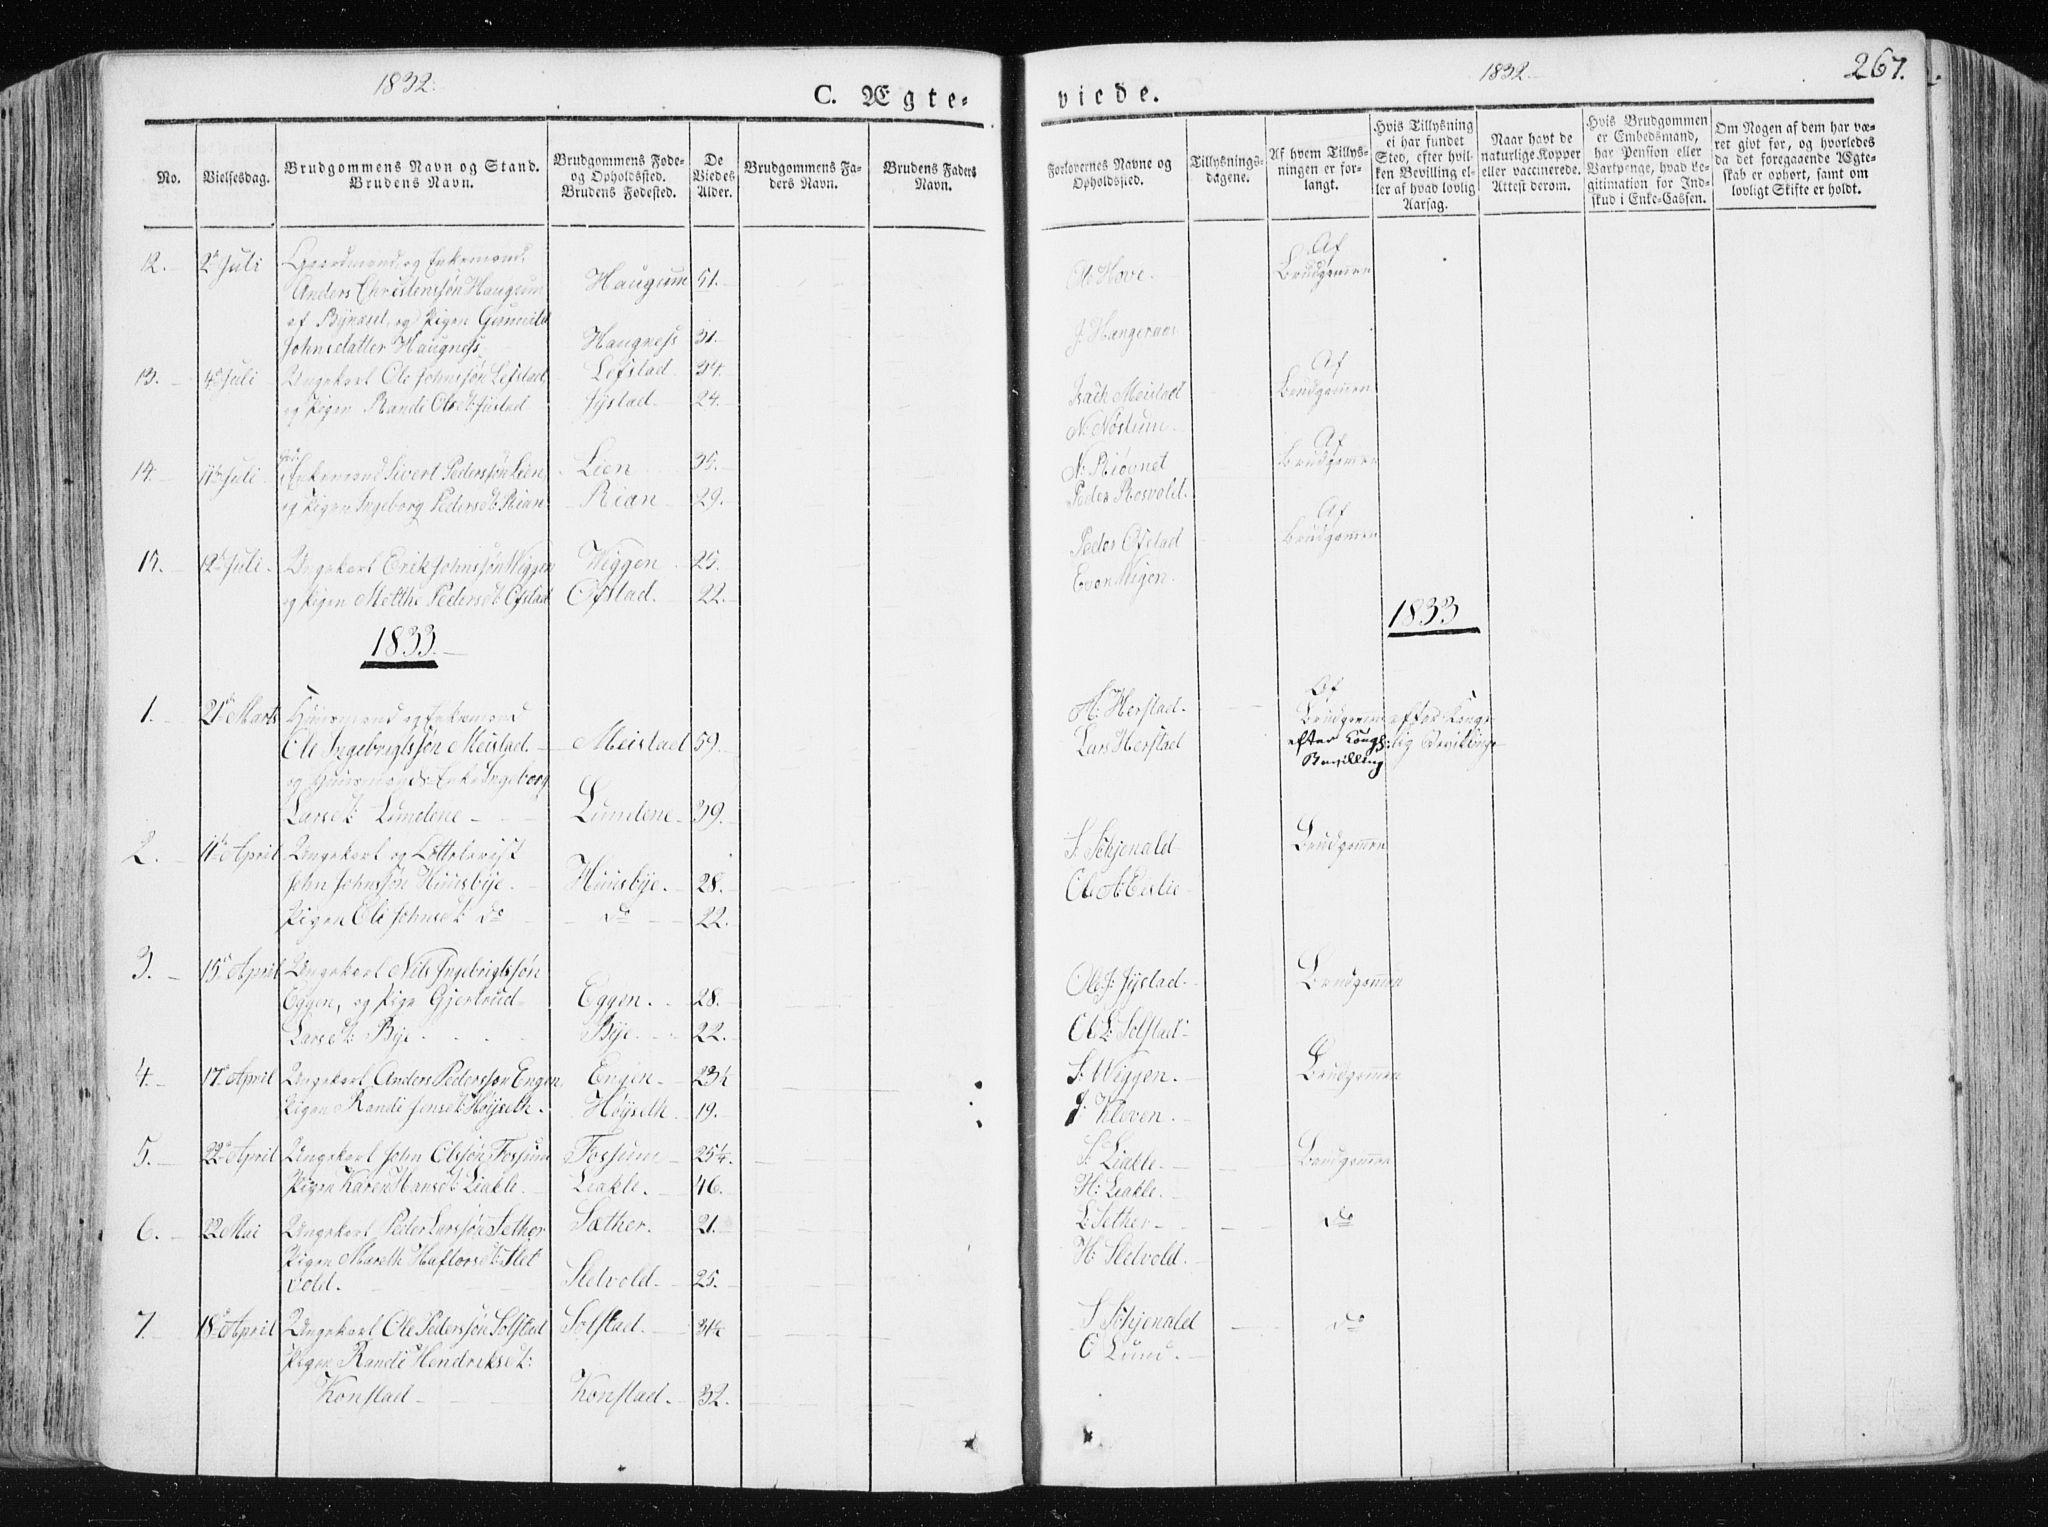 SAT, Ministerialprotokoller, klokkerbøker og fødselsregistre - Sør-Trøndelag, 665/L0771: Ministerialbok nr. 665A06, 1830-1856, s. 267